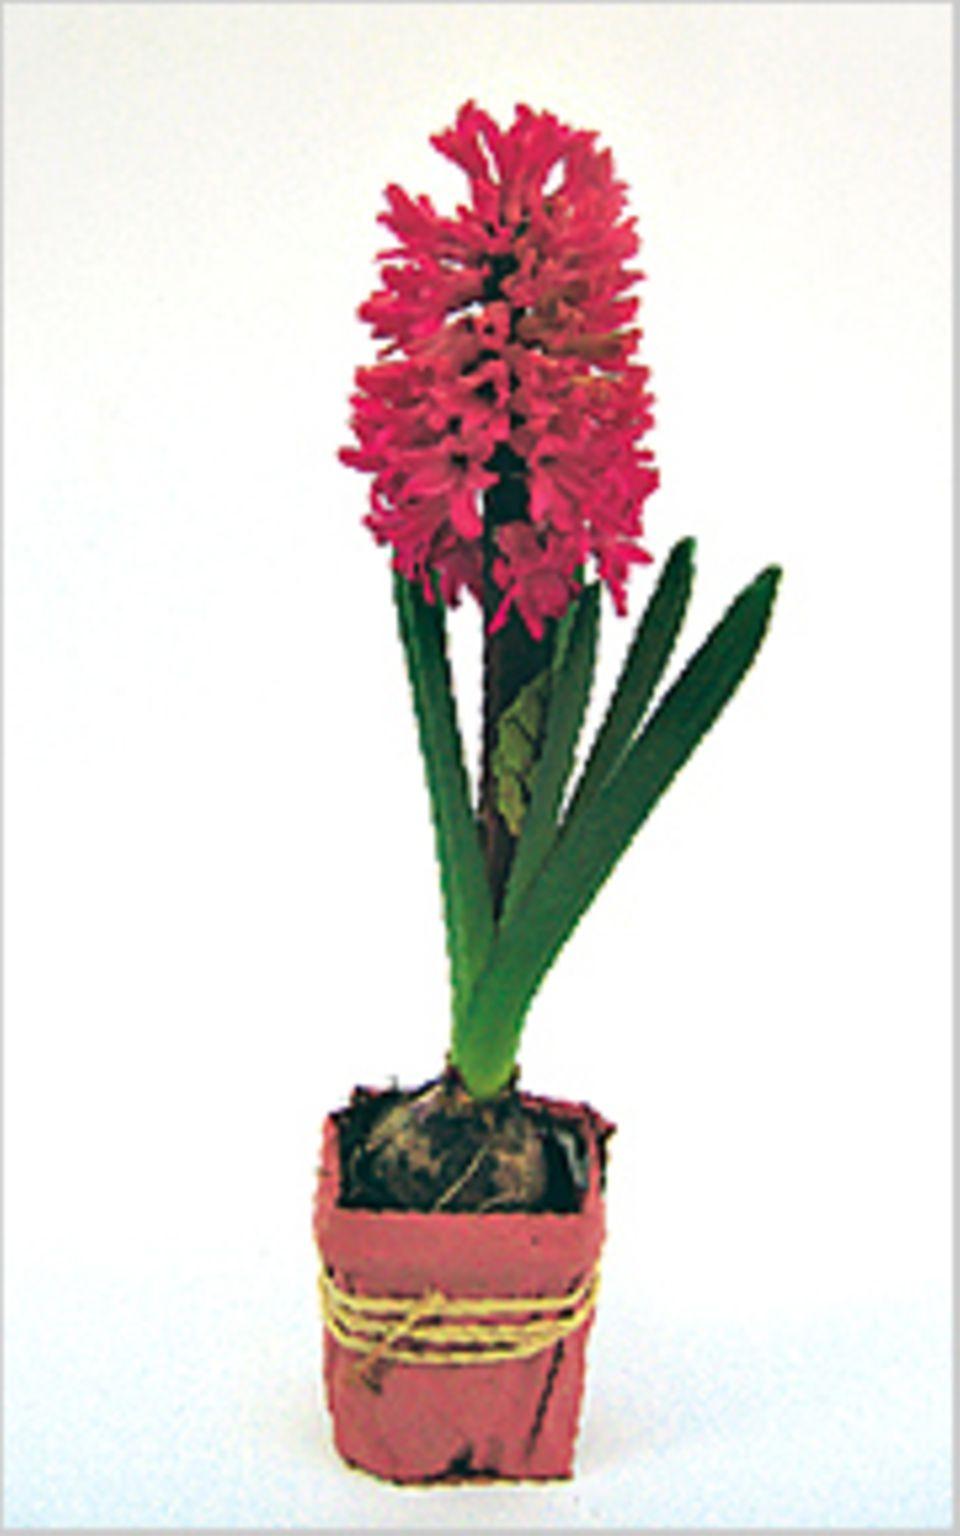 Frühlingsblumen: Die Blume ist in ihrer vollen Pracht erblüht - am 10. Tag